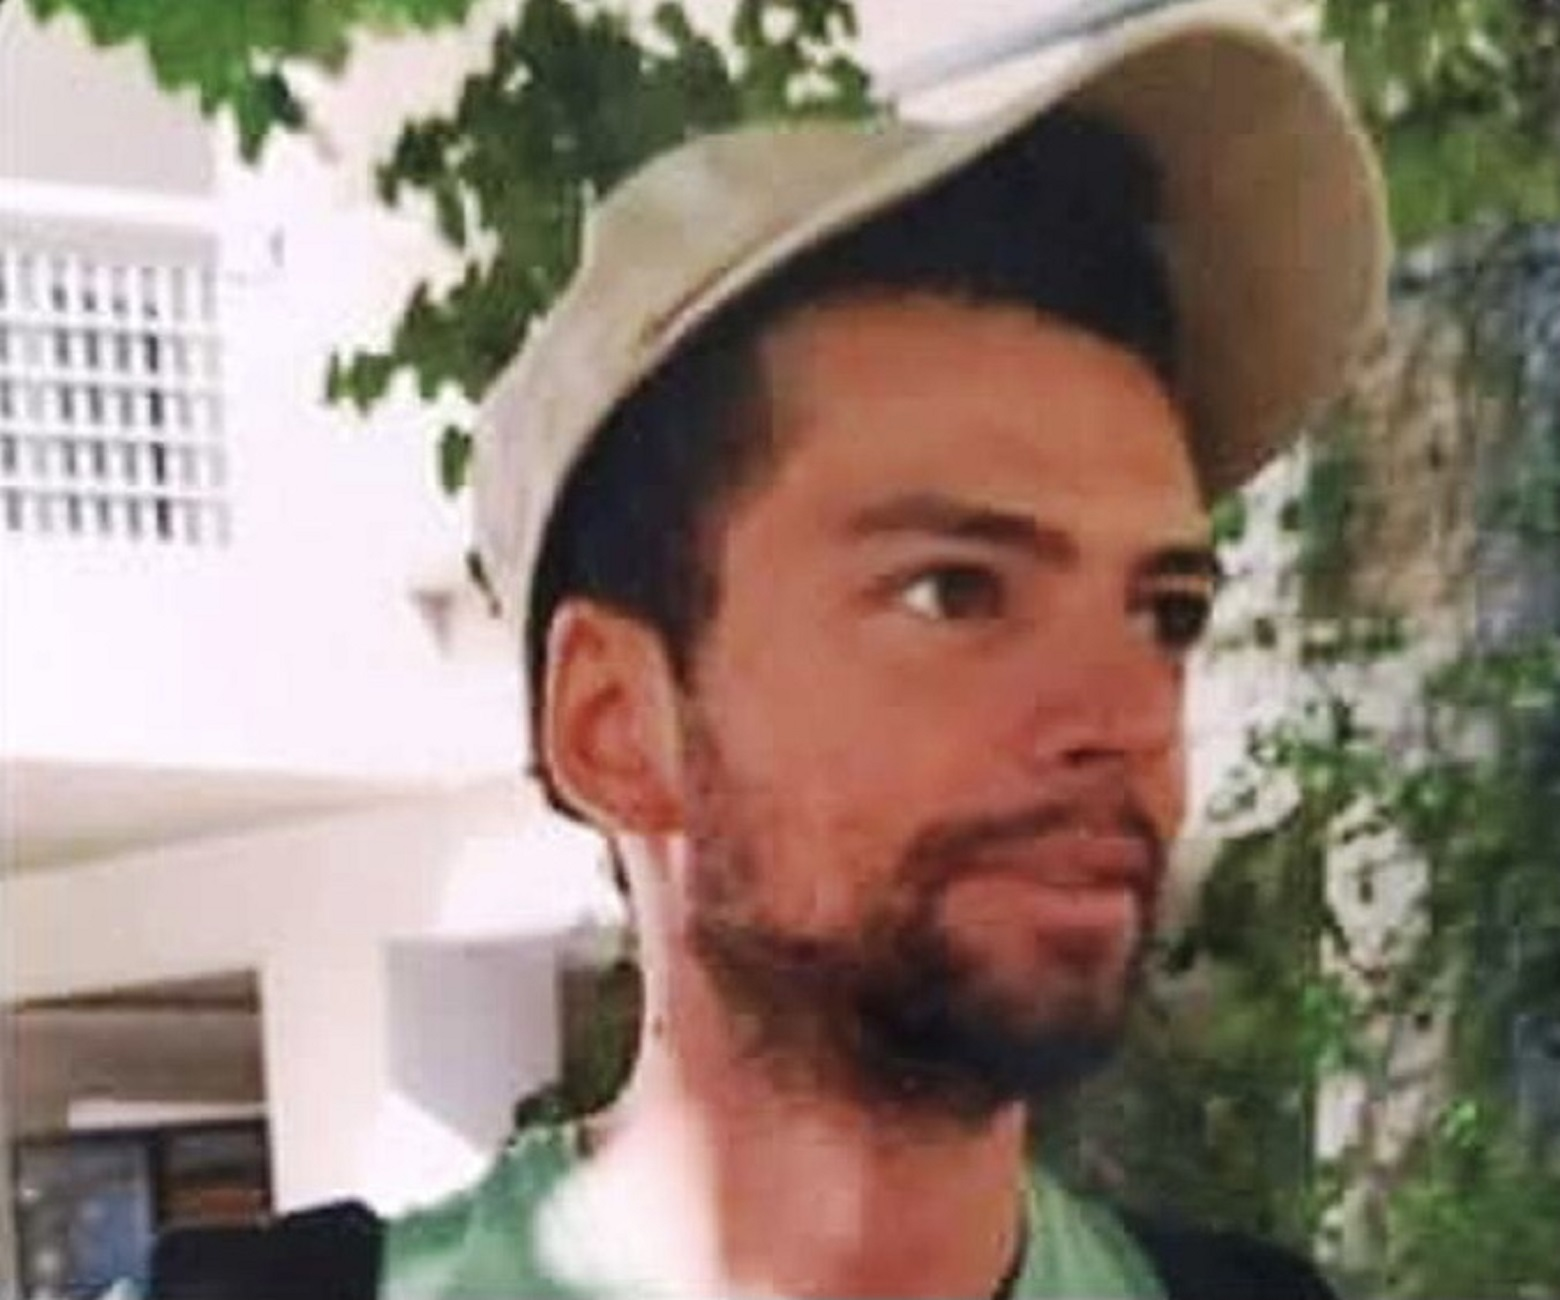 Θεσσαλονίκη: Συναγερμός για την εξαφάνιση 31χρονου άνδρα